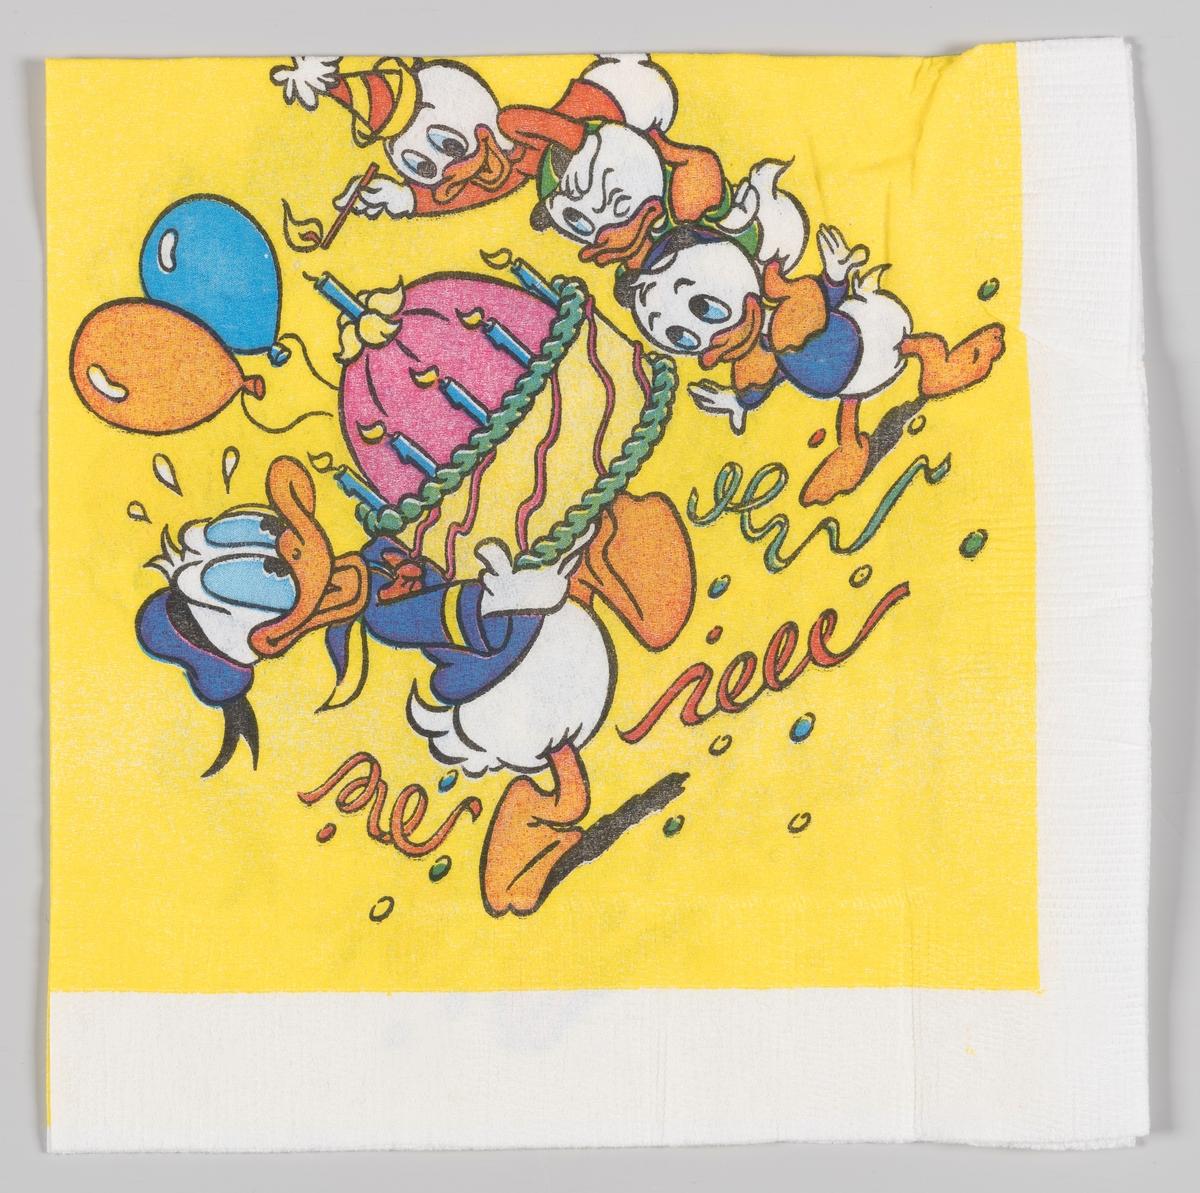 Donald Duck bærer en stor bursdagskake mens Ole, Dole og Doffen ser på